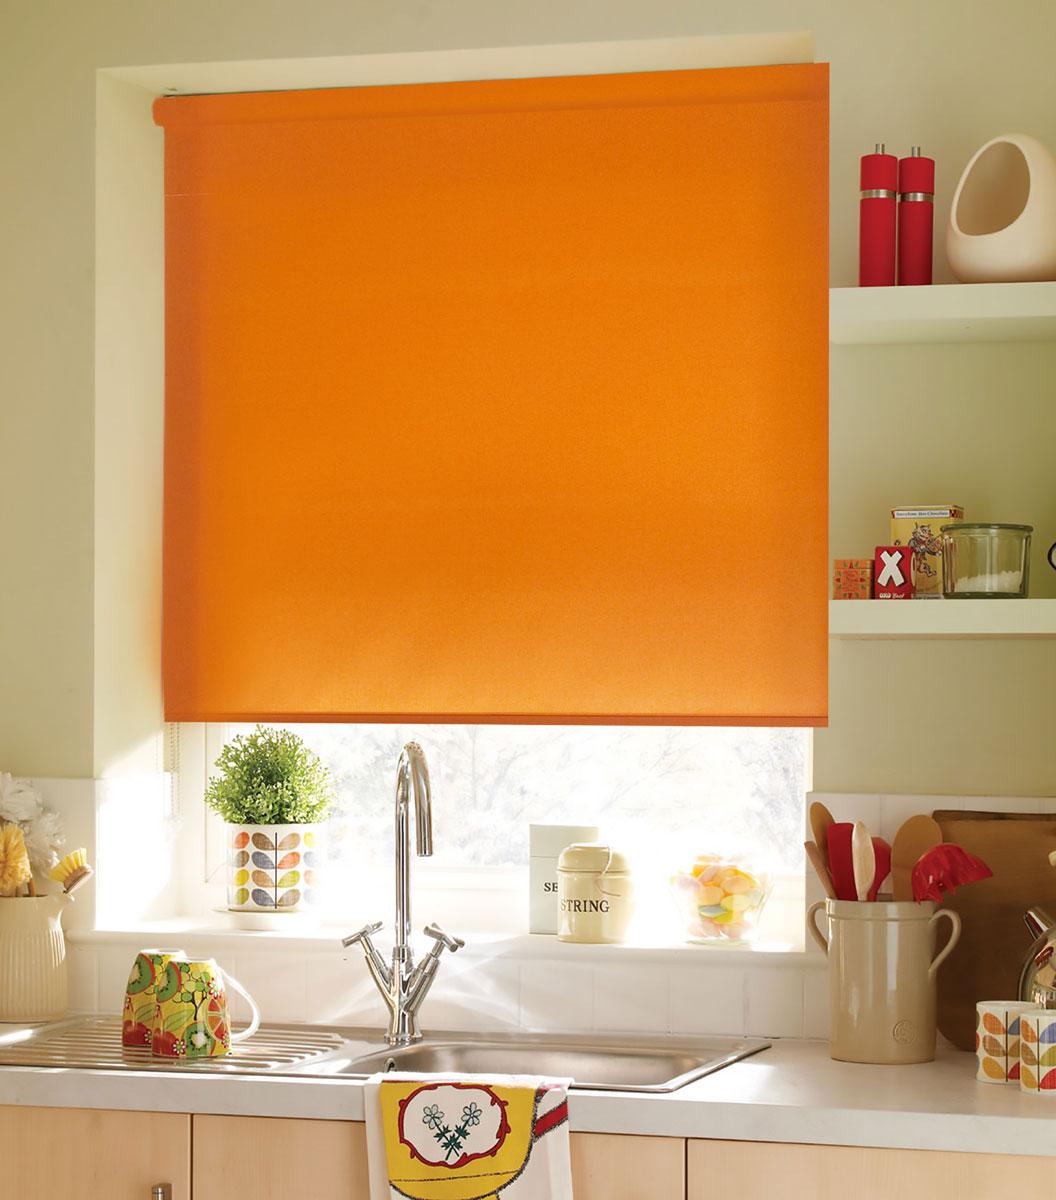 Штора рулонная KauffOrt Миниролло, цвет: оранжевый, ширина 37 см, высота 170 смS03301004Рулонная штора KauffOrt Миниролло выполнена из высокопрочной ткани, которая сохраняет свой размер даже при намокании. Ткань не выцветает и обладает отличной цветоустойчивостью.Миниролло - это подвид рулонных штор, который закрывает не весь оконный проем, а непосредственно само стекло. Такие шторы крепятся на раму без сверления при помощи зажимов или клейкой двухсторонней ленты (в комплекте). Окно остается на гарантии, благодаря монтажу без сверления. Такая штора станет прекрасным элементом декора окна и гармонично впишется в интерьер любого помещения.